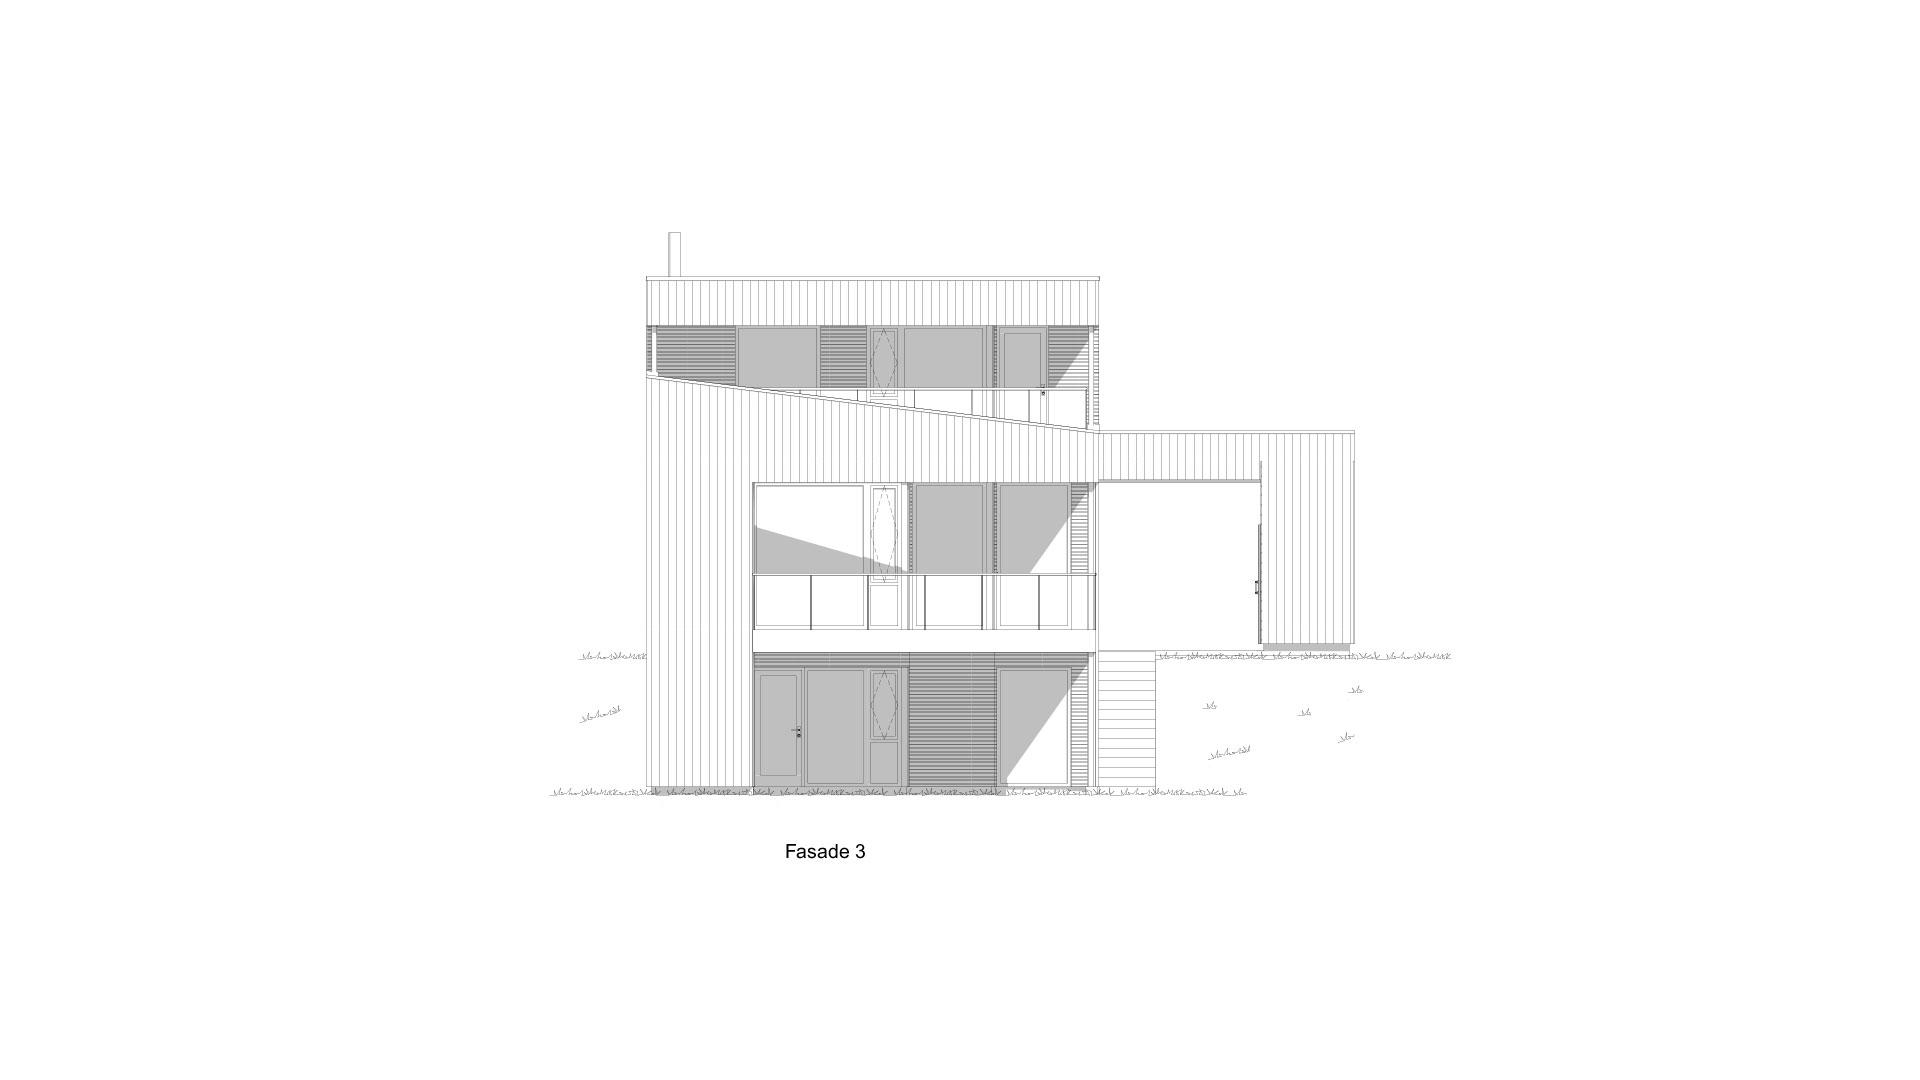 Fossen_Fasade3.jpg